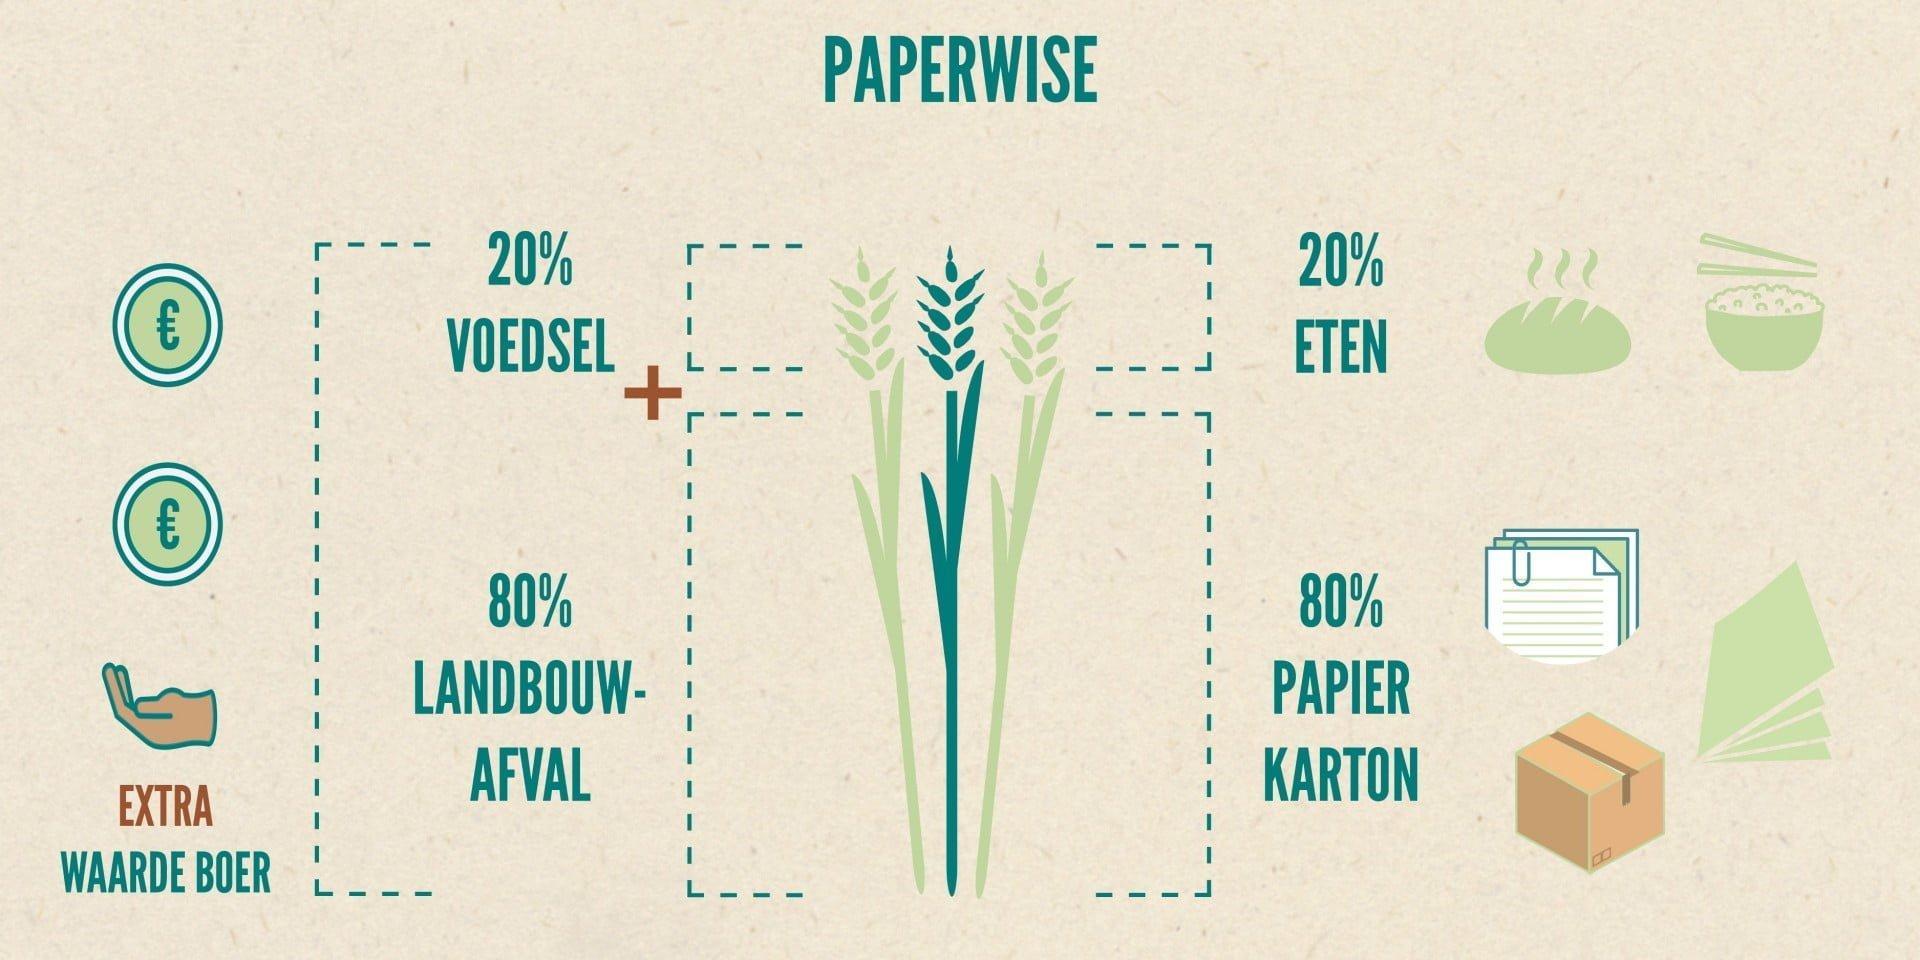 PaperWise visie & missie milieuvriendelijk papier karton landbouwafval tweede leven